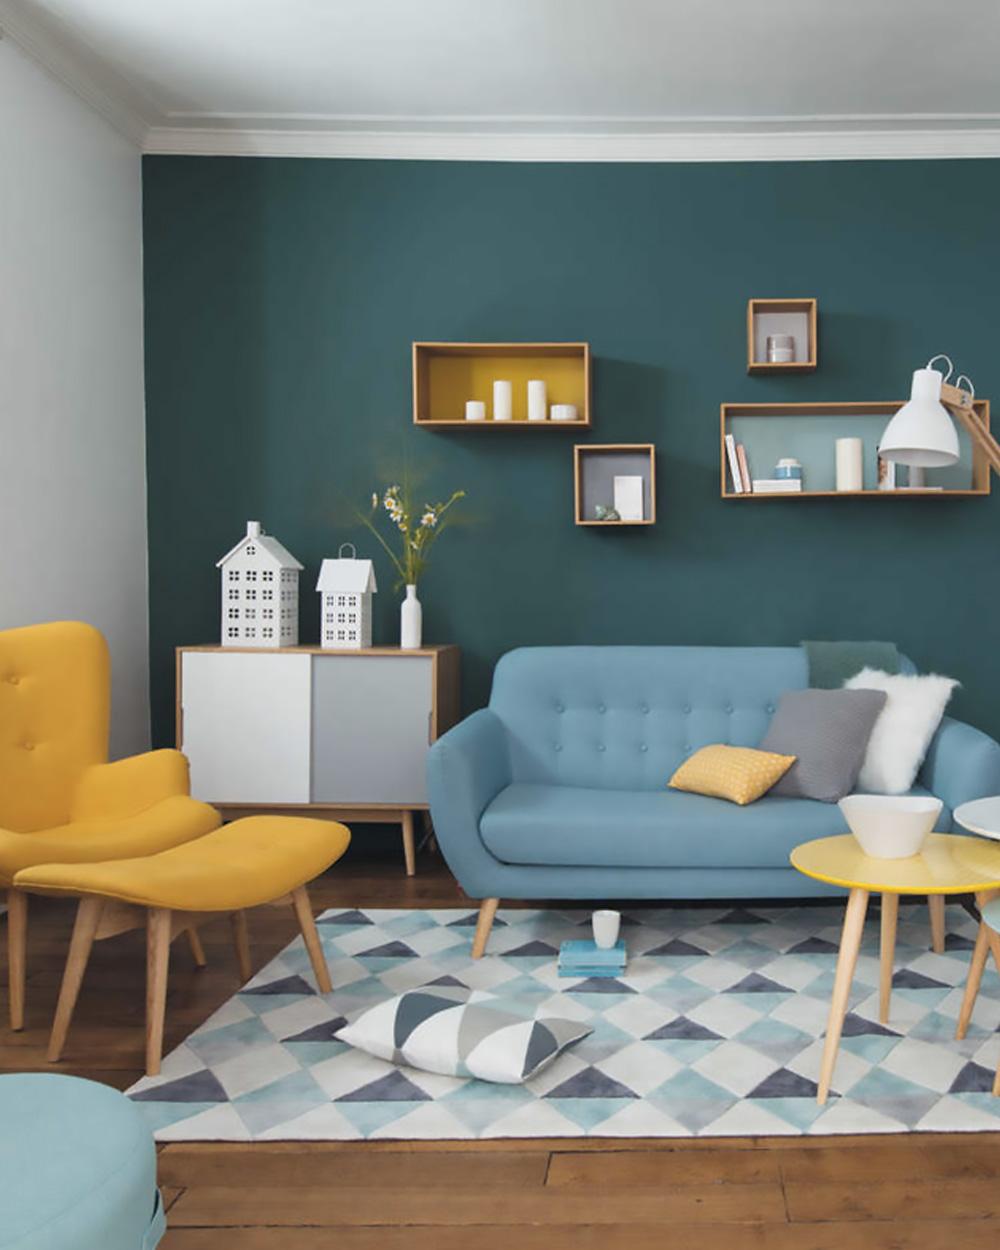 deco scandinave salon jaune bleu